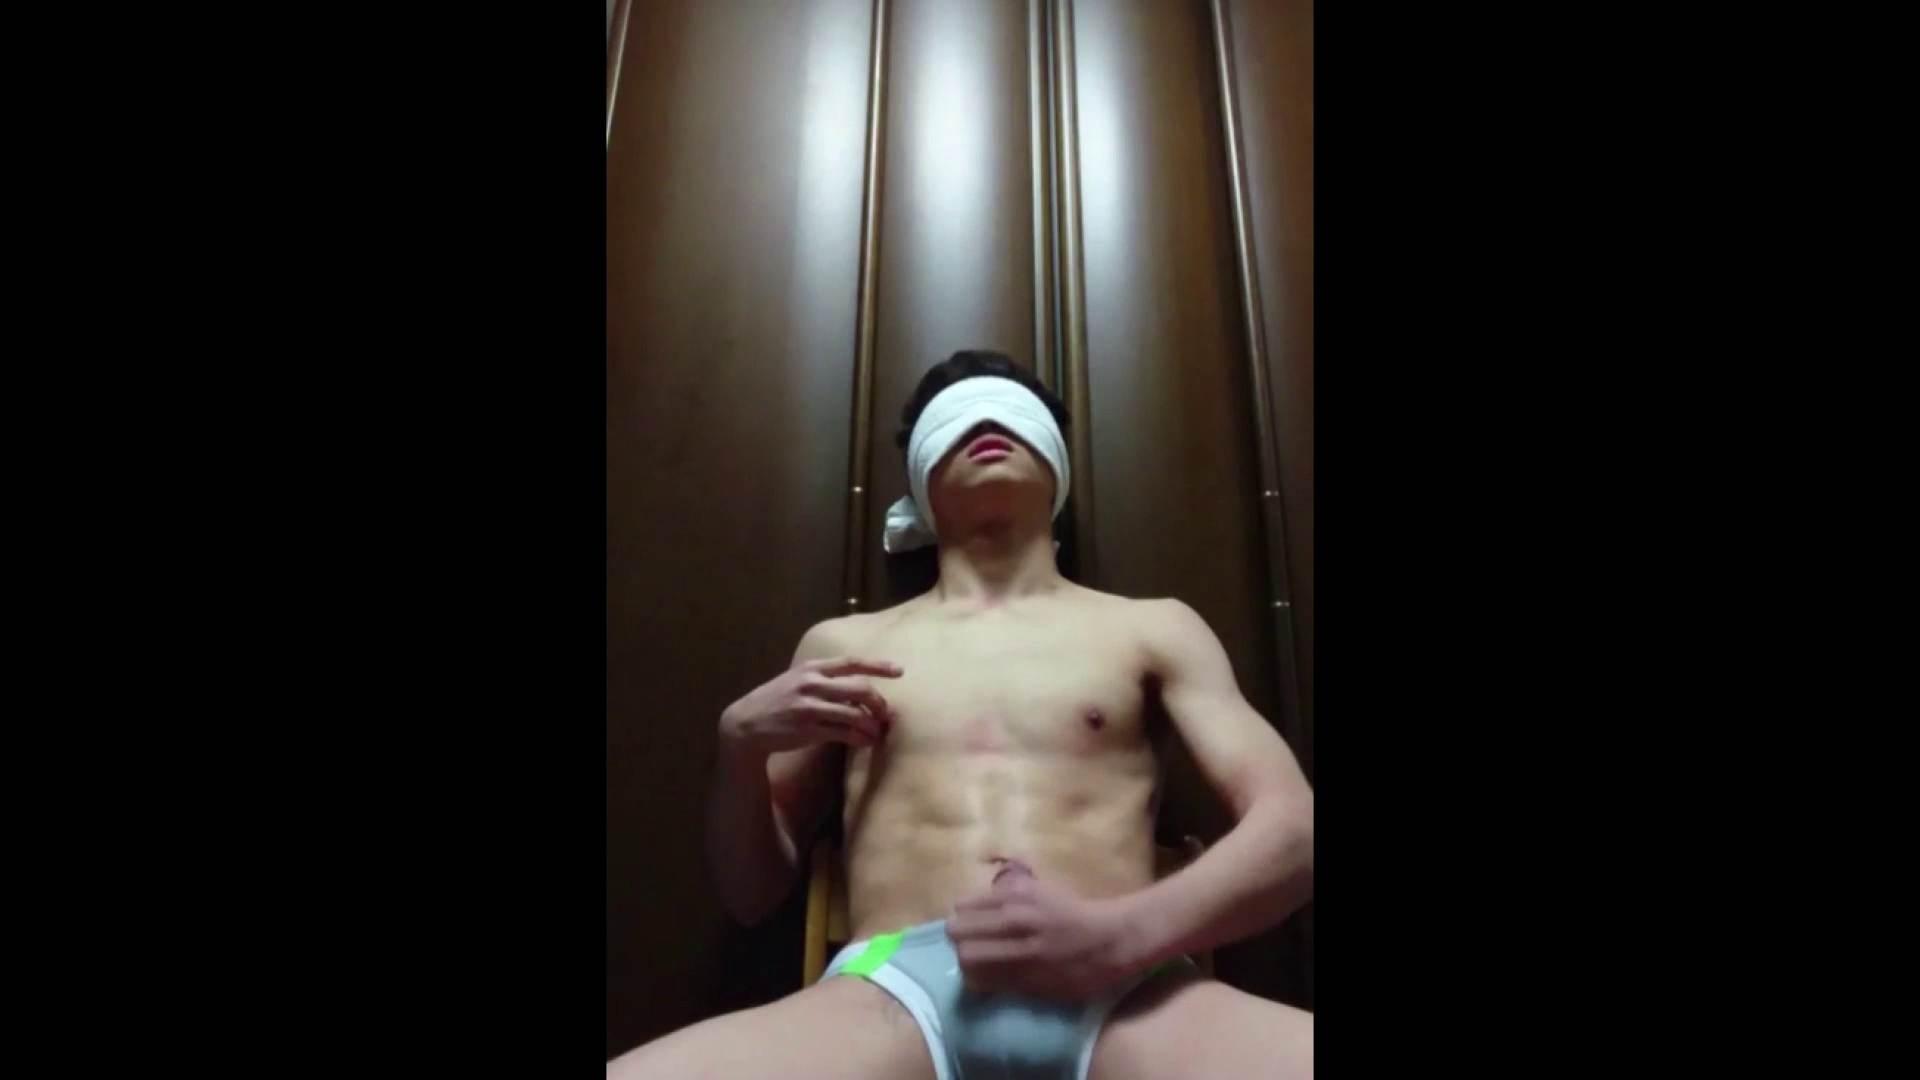 個人撮影 自慰の極意 Vol.21 個人撮影 ゲイエロ動画 93pic 70